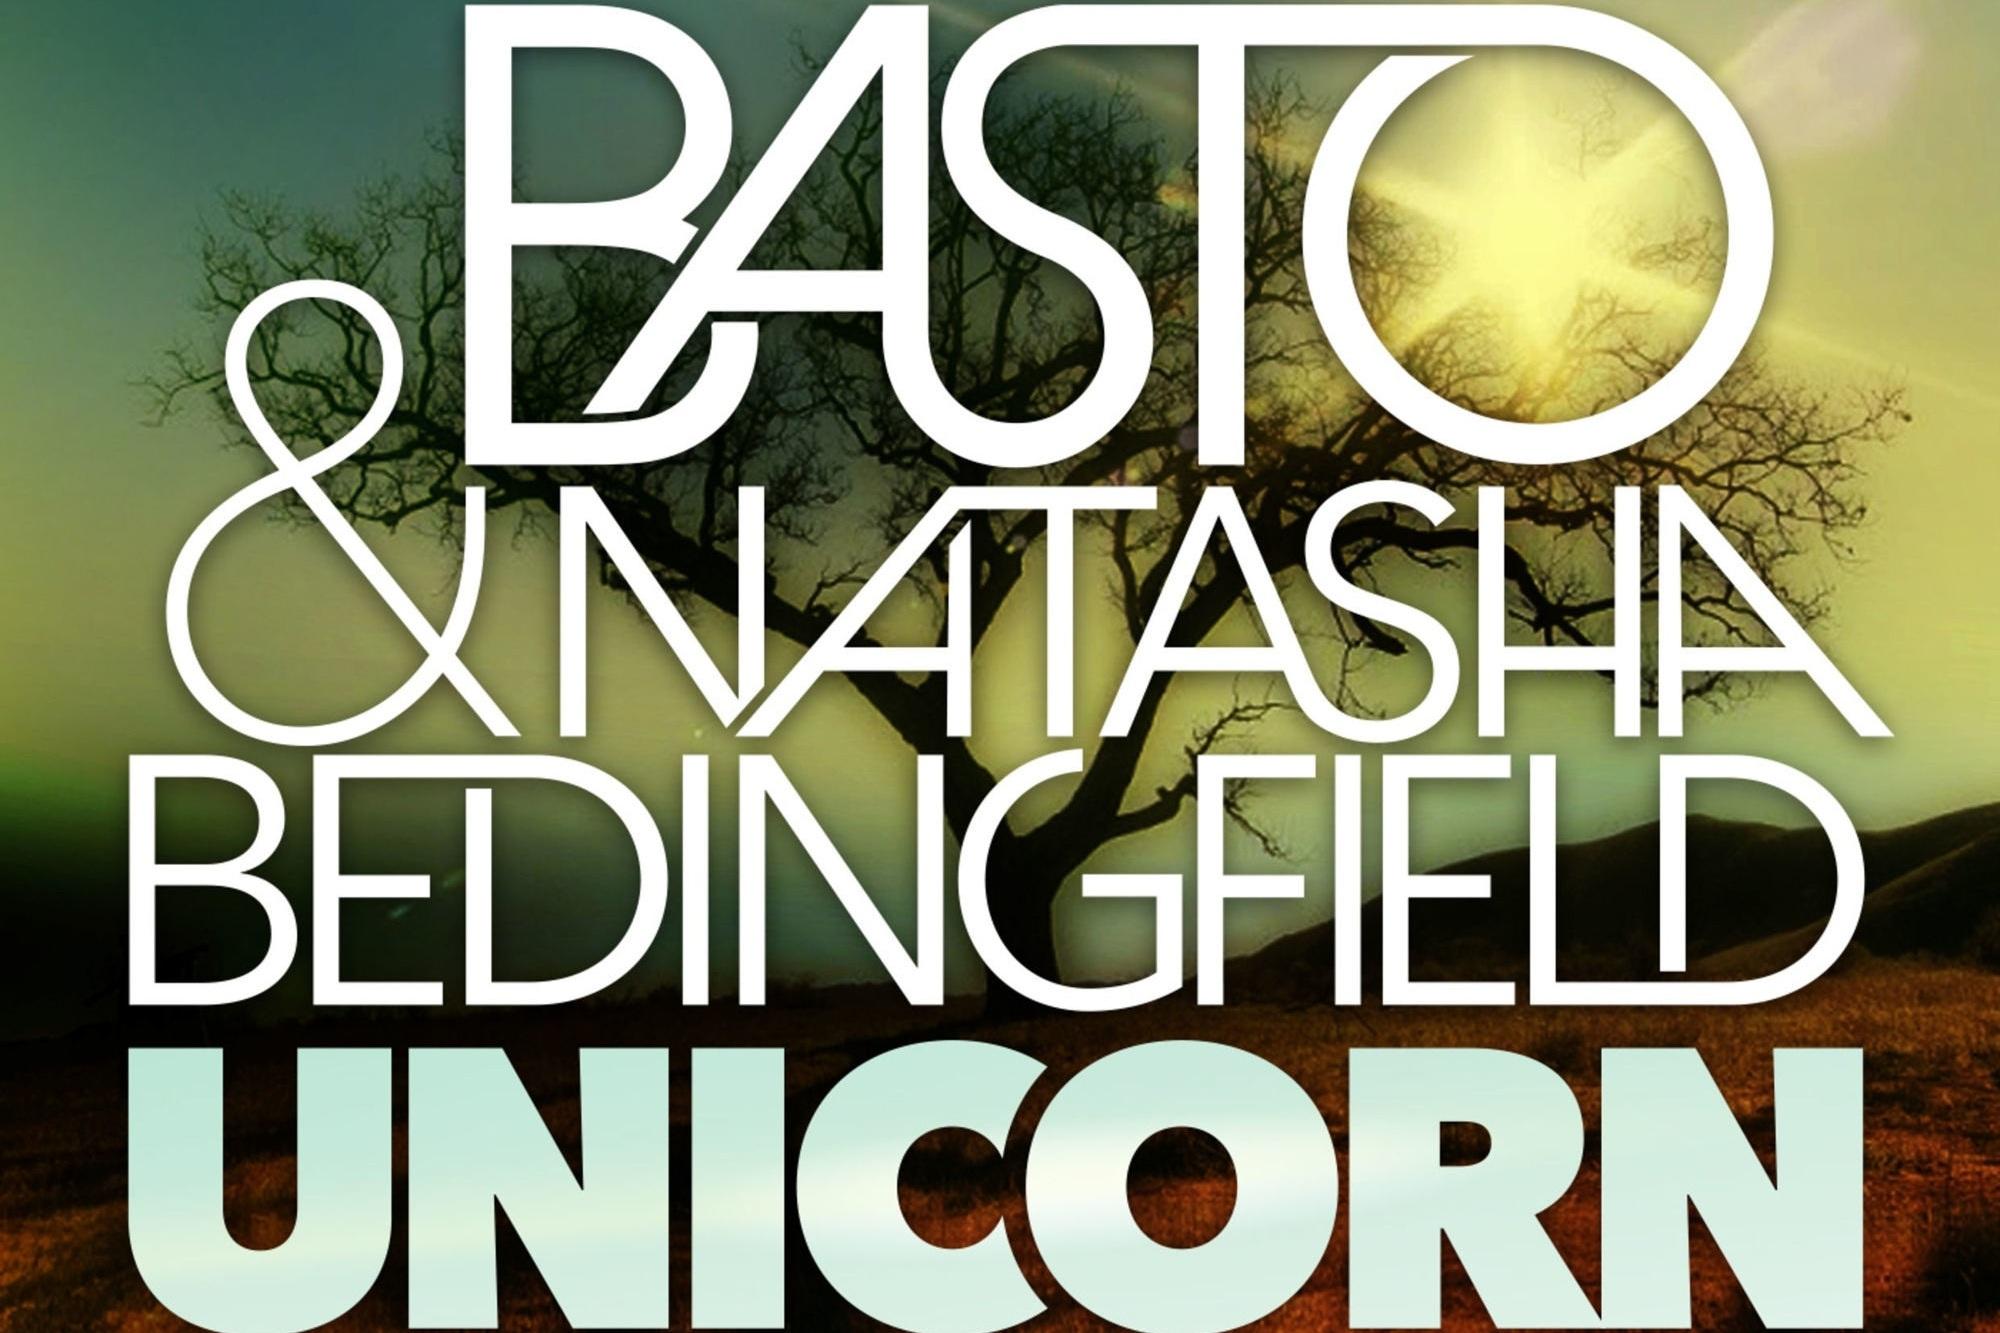 """""""Unicorn"""" - Basto & Natasha Bedingfield    Writer, Producer"""